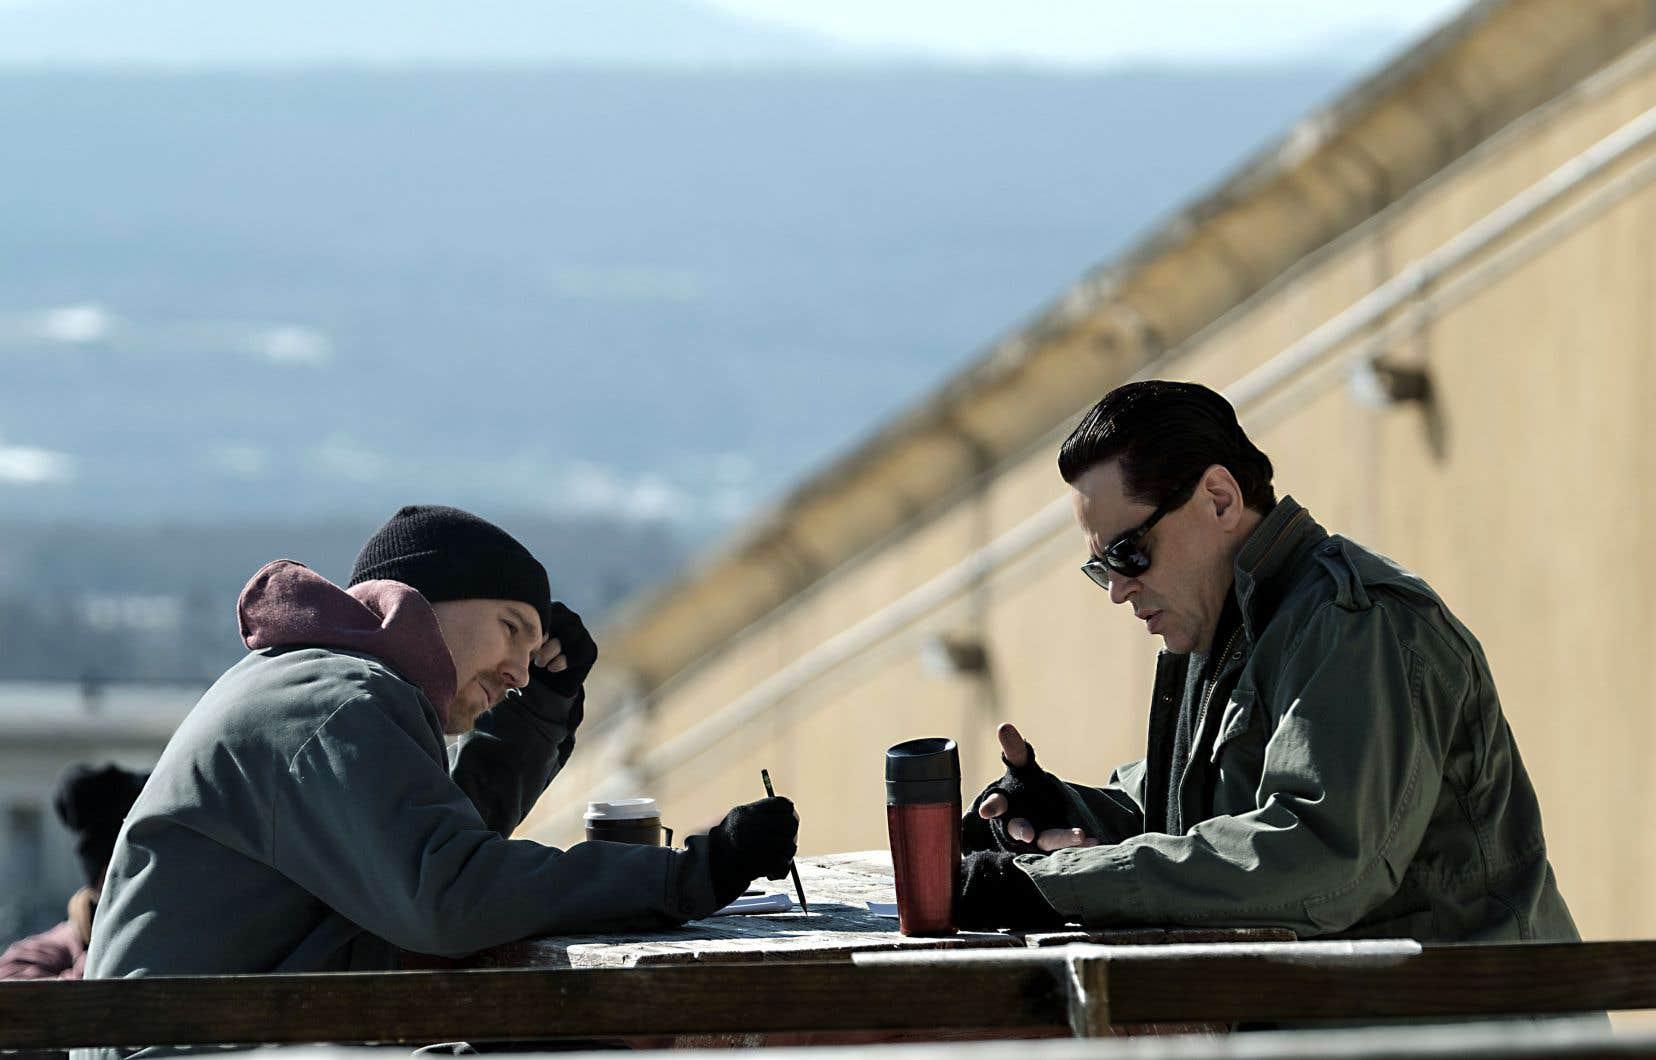 Dans la peau des évadés, Paul Dano et Benicio Del Toro sont formidables de roublardise et de détresse amère.